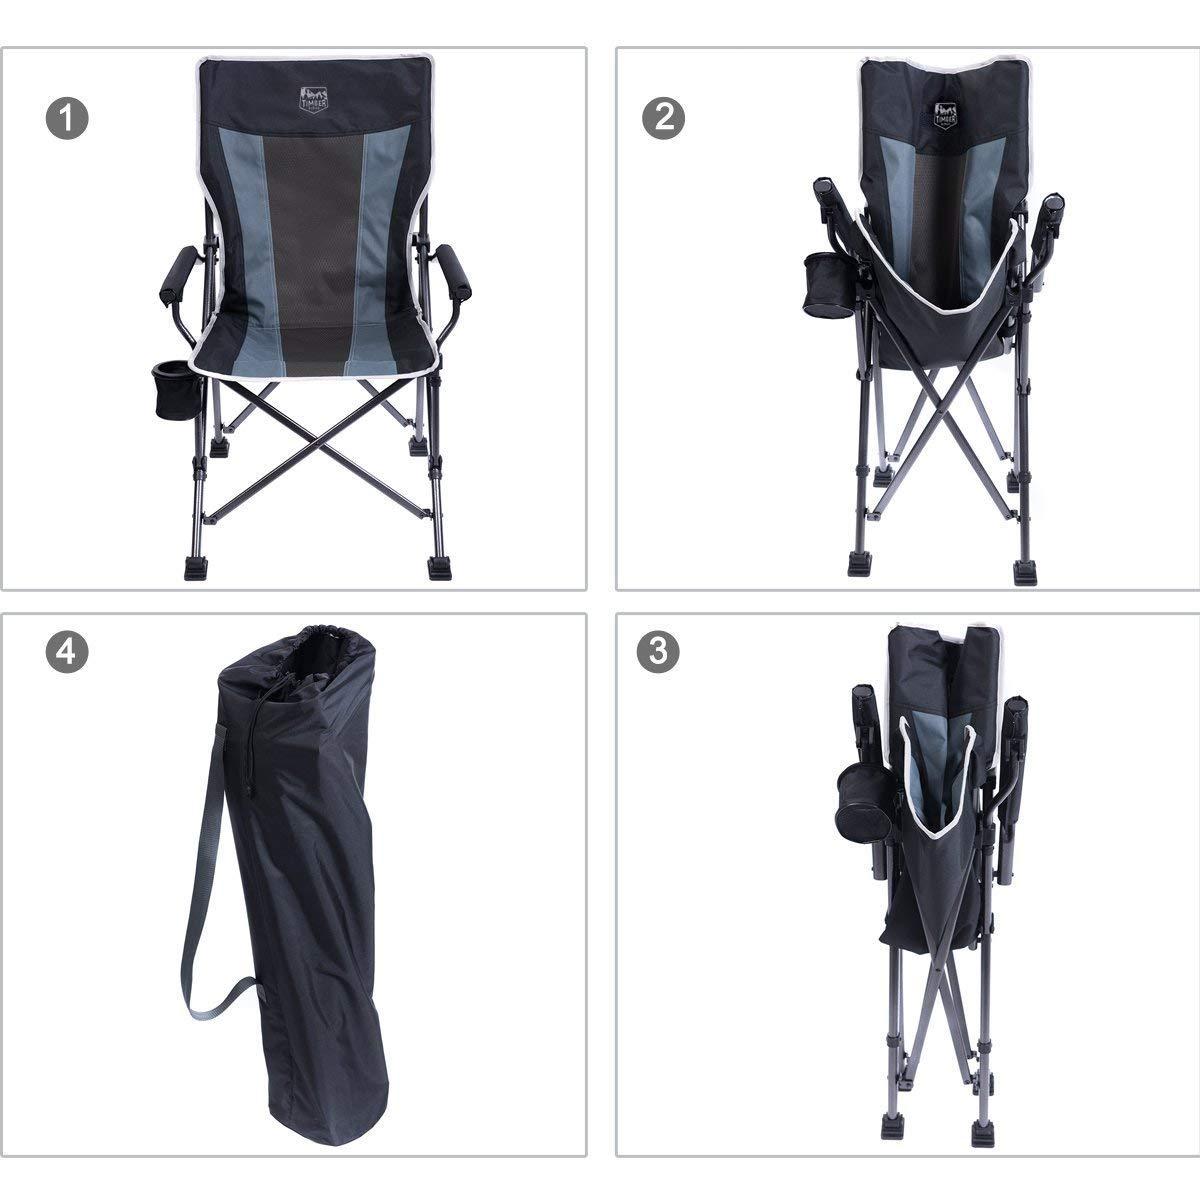 Amazon.com: Timber Ridge - Silla de camping ergonómica con ...